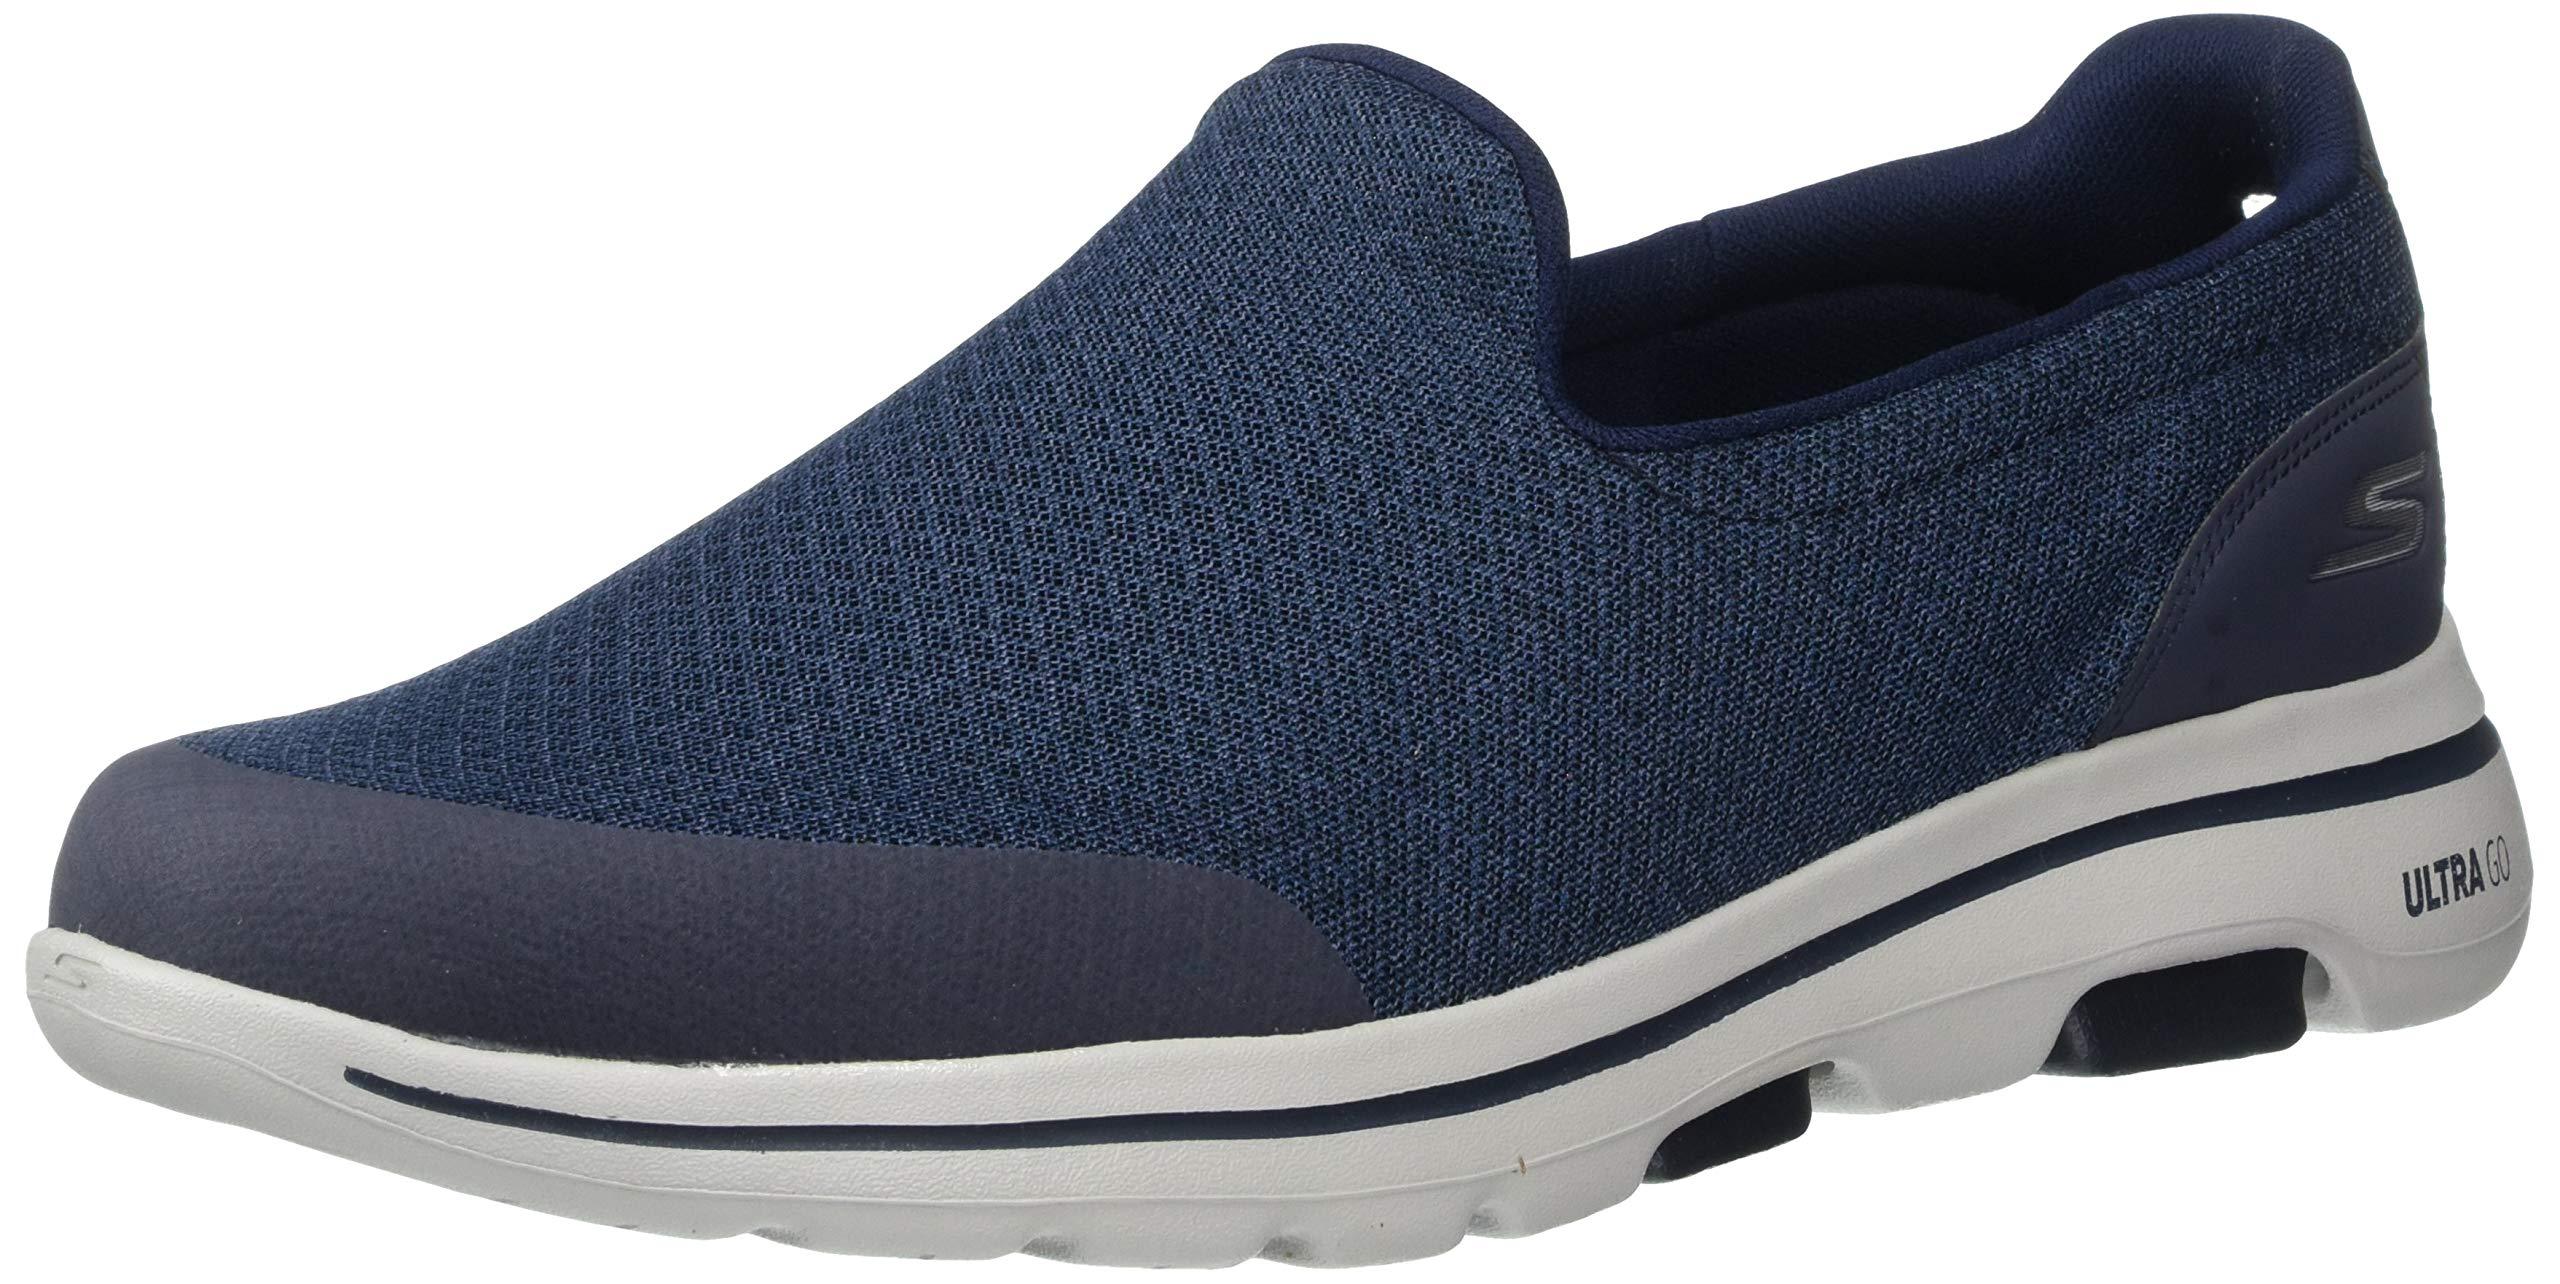 Skechers Men's GO Walk 5-55503 Shoe, Navy/White, 7 M US by Skechers